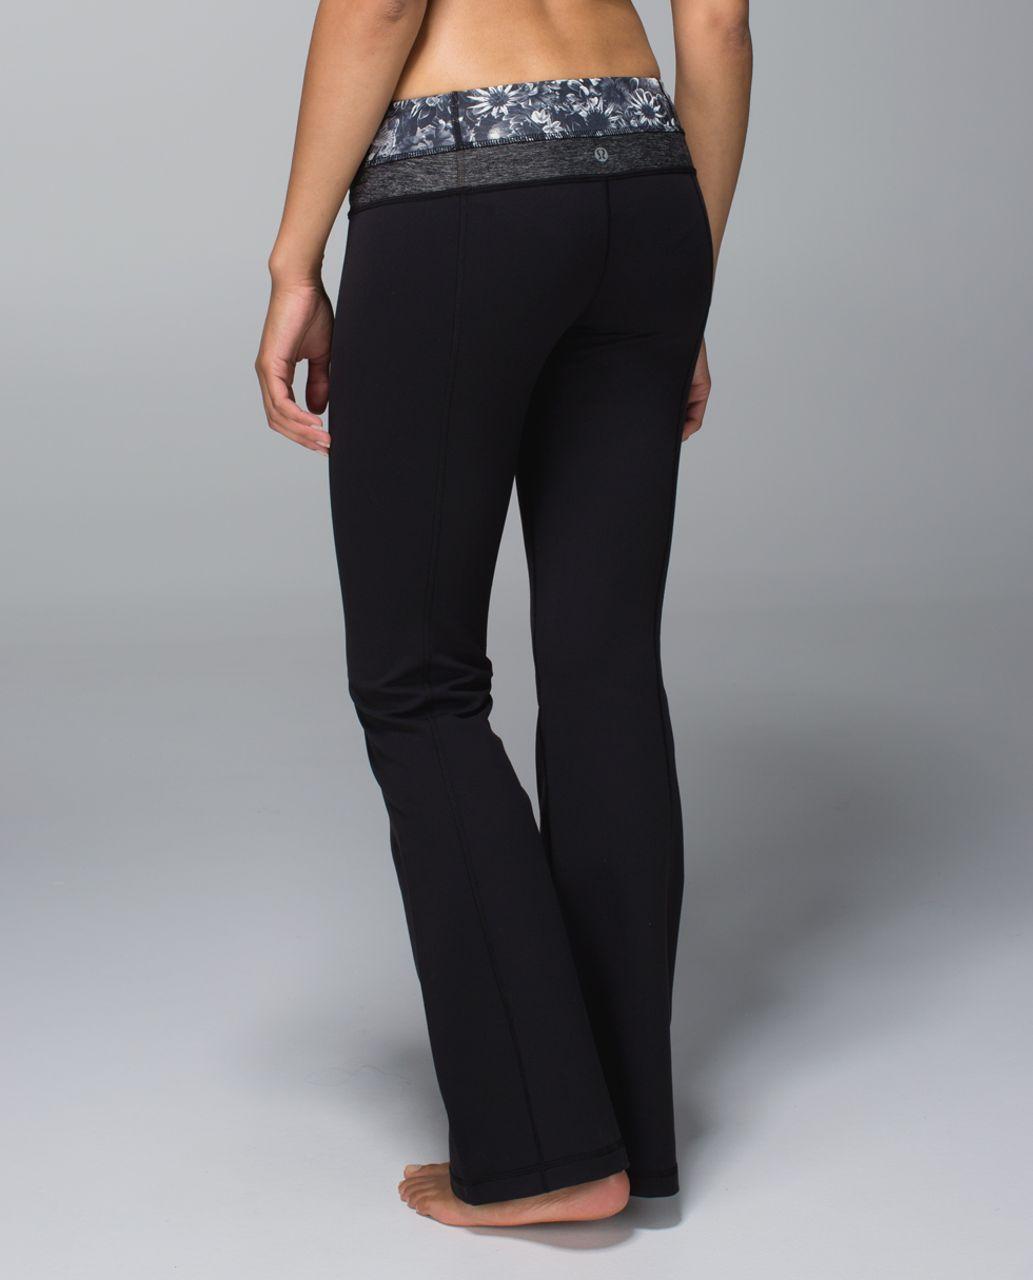 Lululemon Groove Pant *Full-On Luon (Regular) - Black / Flowabunga Black Angel Wing / Heathered Black